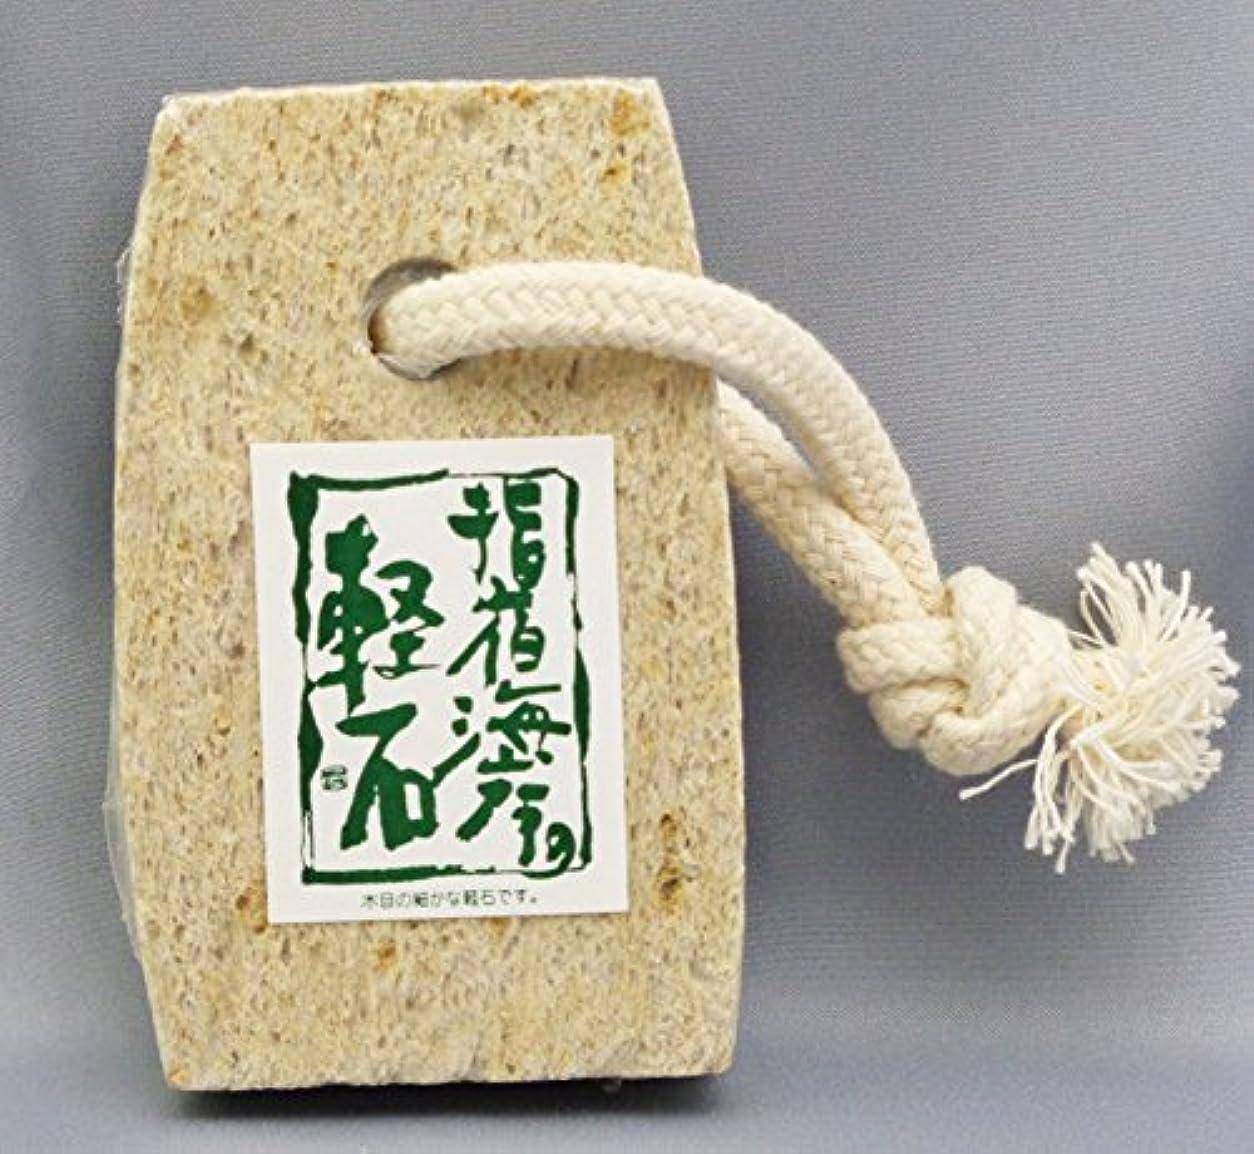 悲しい欠乏手紙を書くシオザキ No.3 中判軽石 (ヒモ付き)指宿の軽石